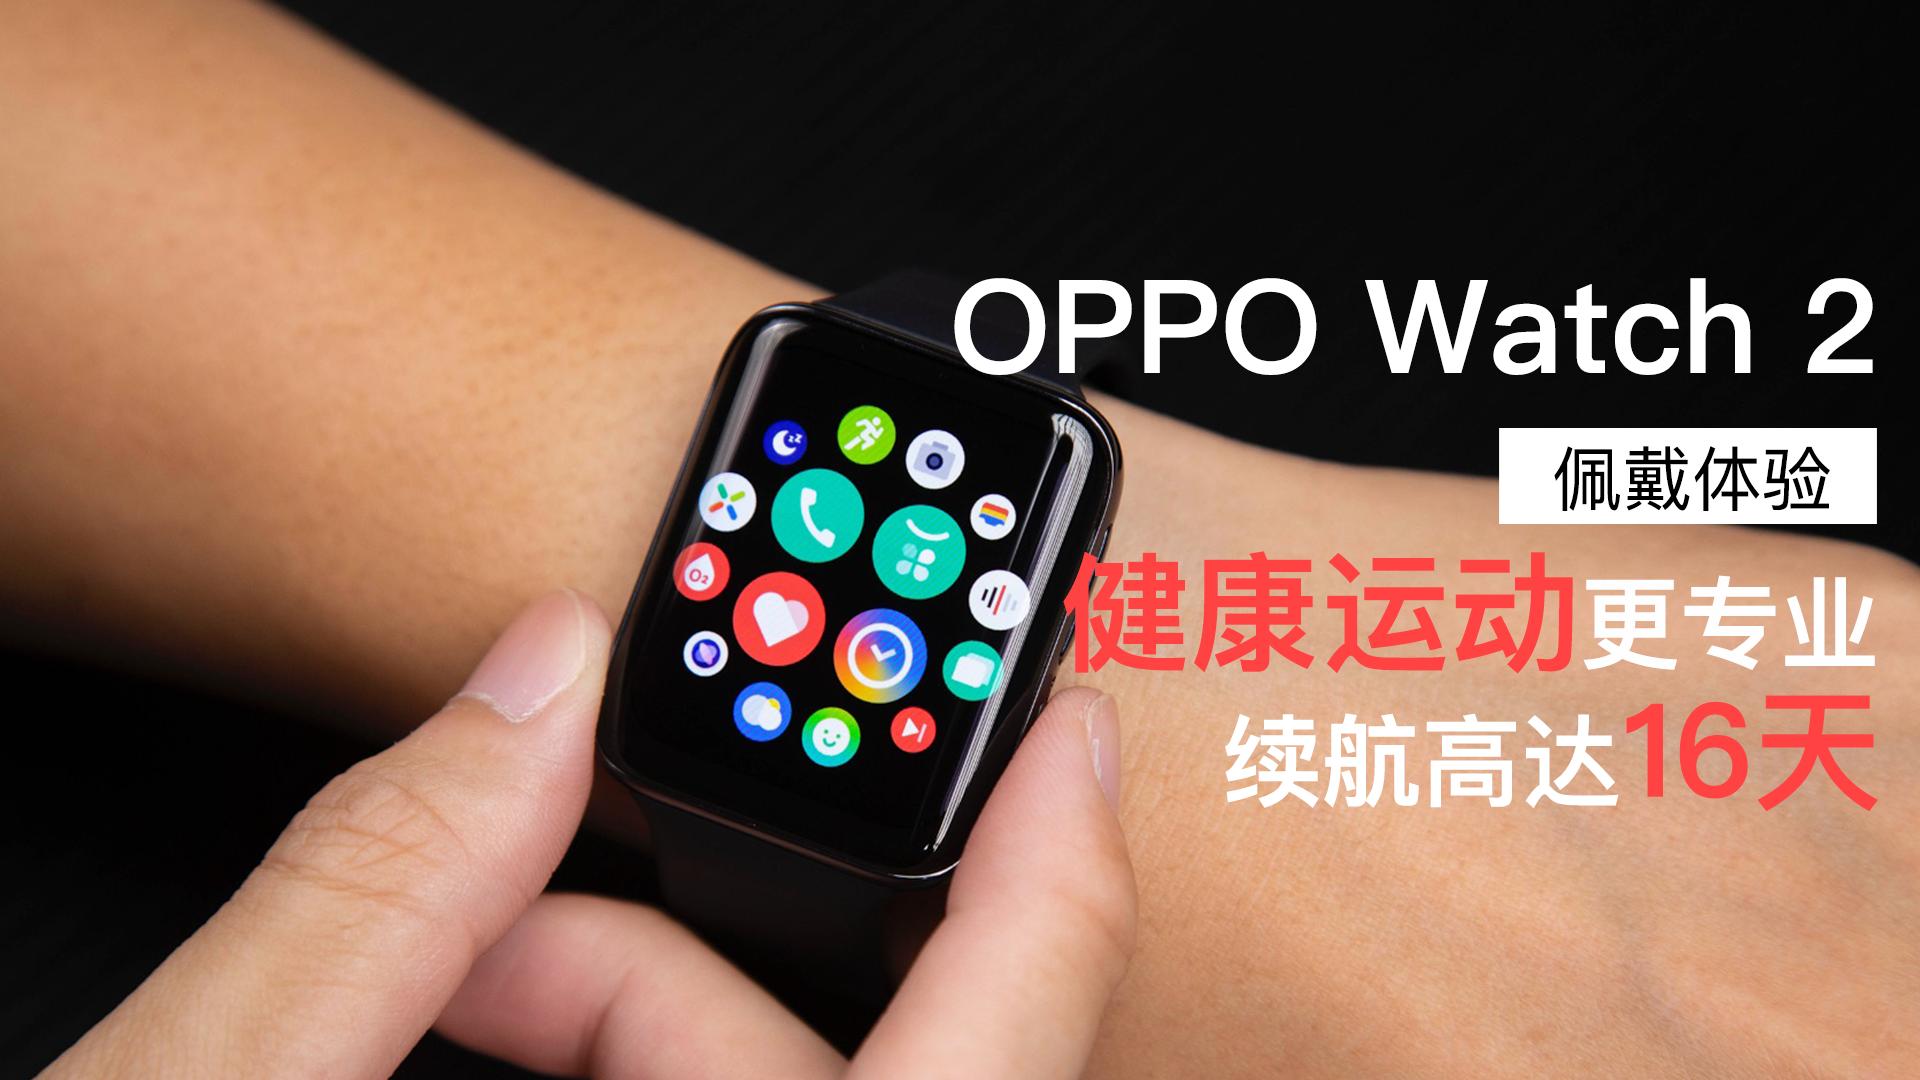 OPPO Watch 2佩戴体验:健康运动更专业 续航高达16天的全智能手表